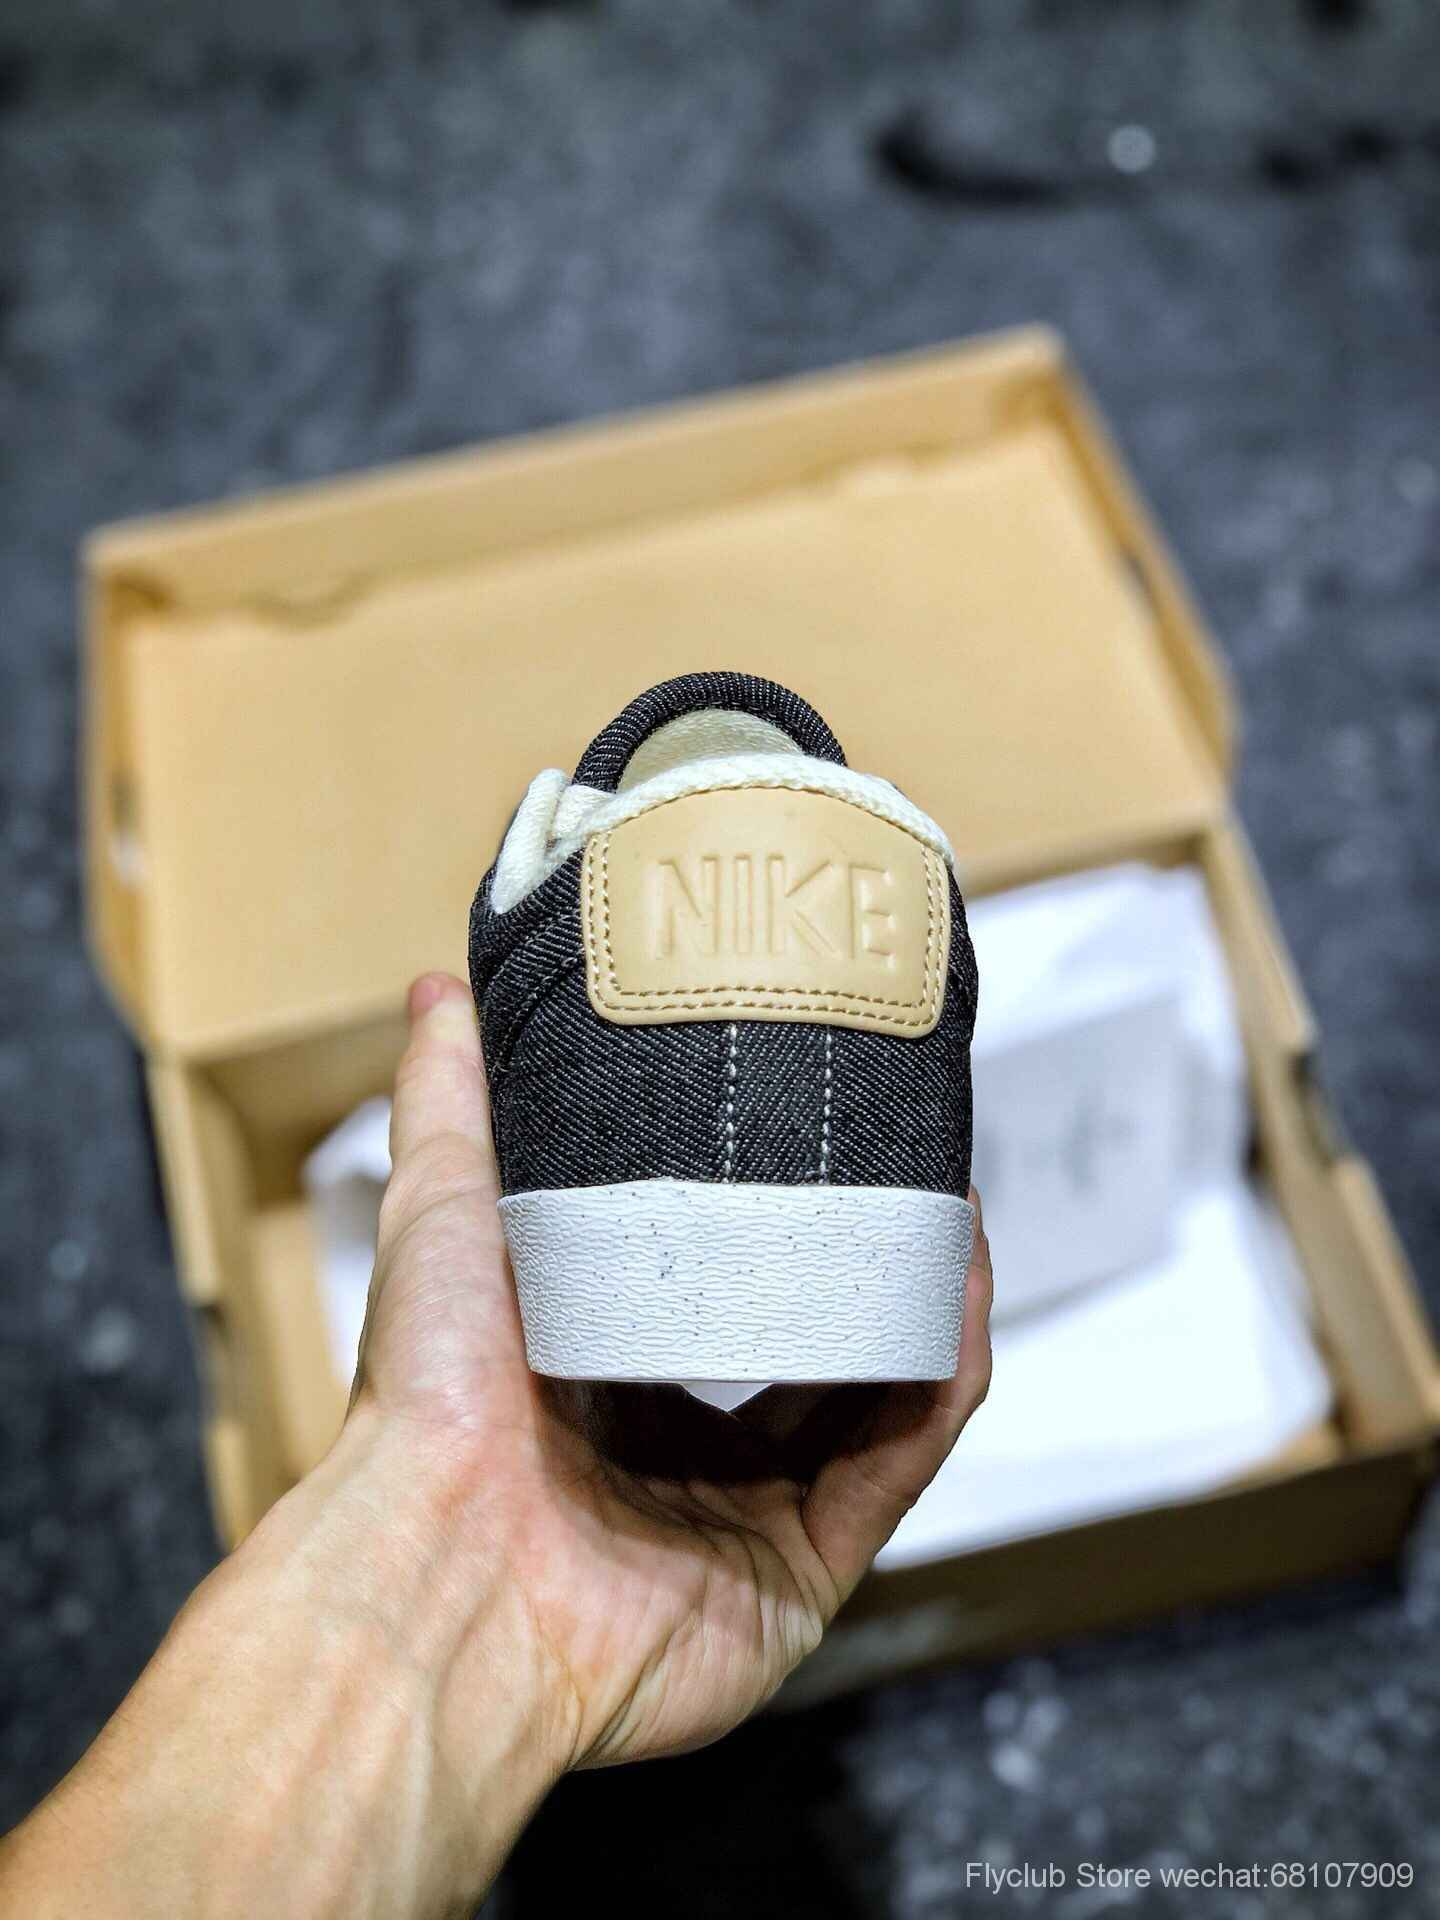 开拓者板鞋 素雅风 丹宁黑牛仔 NK BLAZER LOW LX 3D立体logo低帮AV9371-117